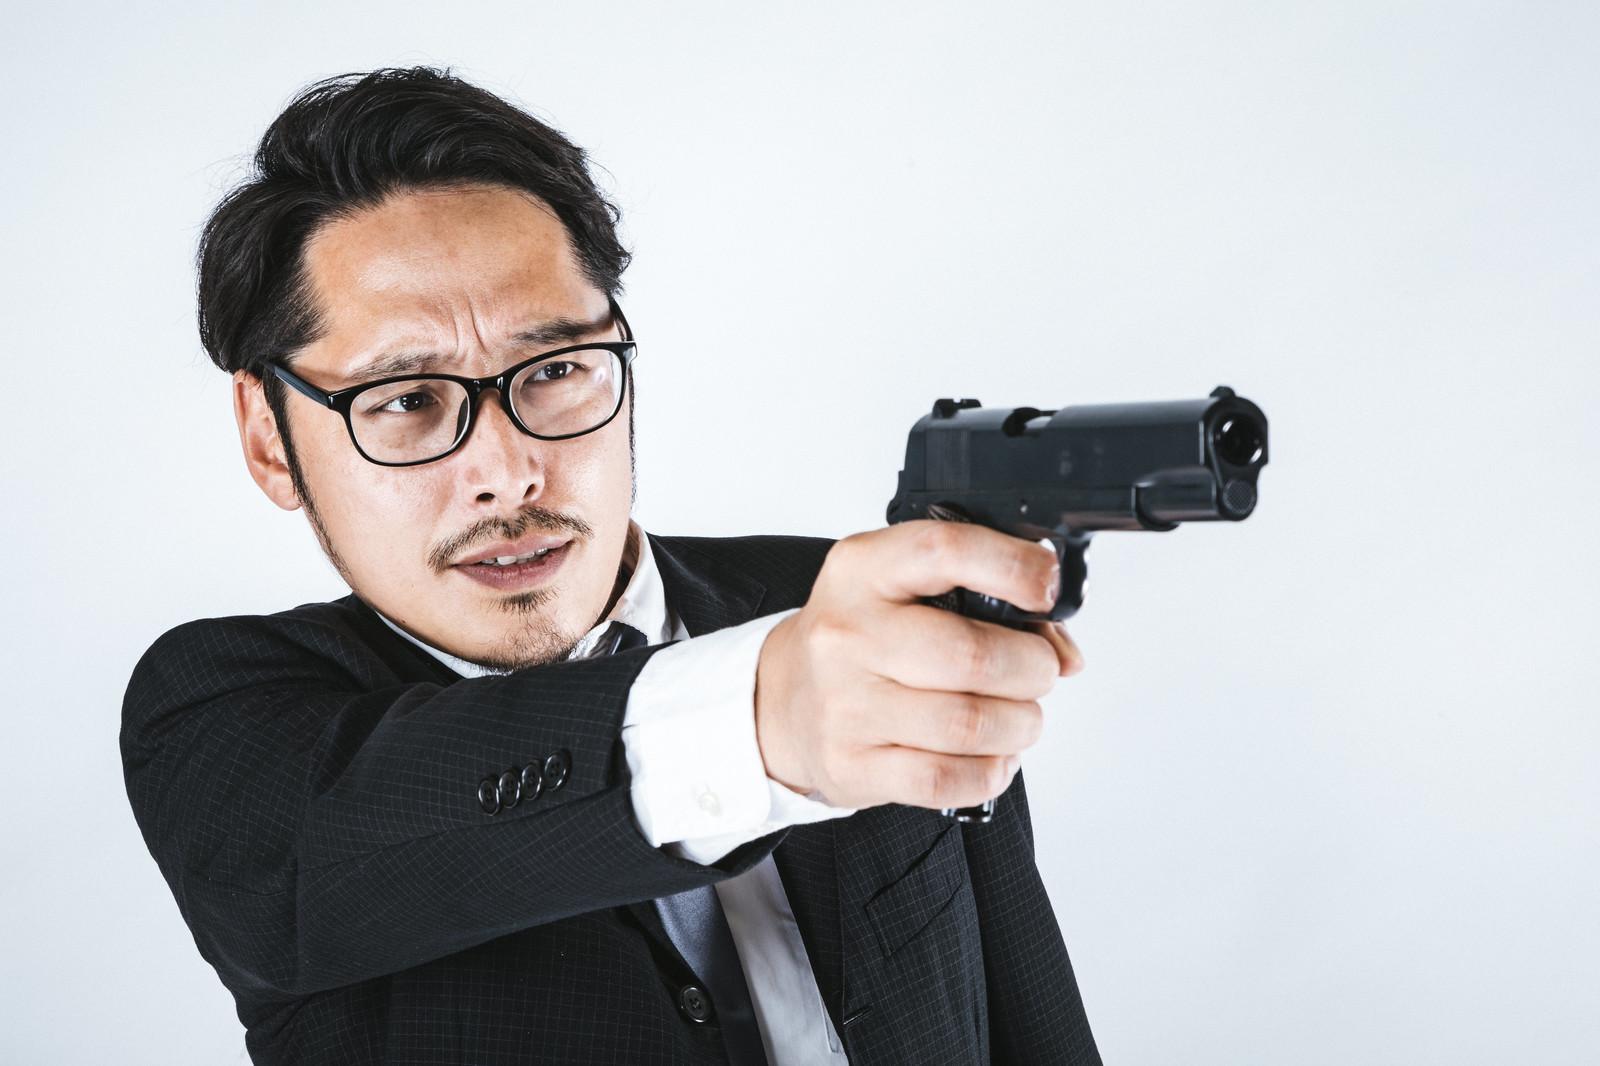 銃を持った男の画像